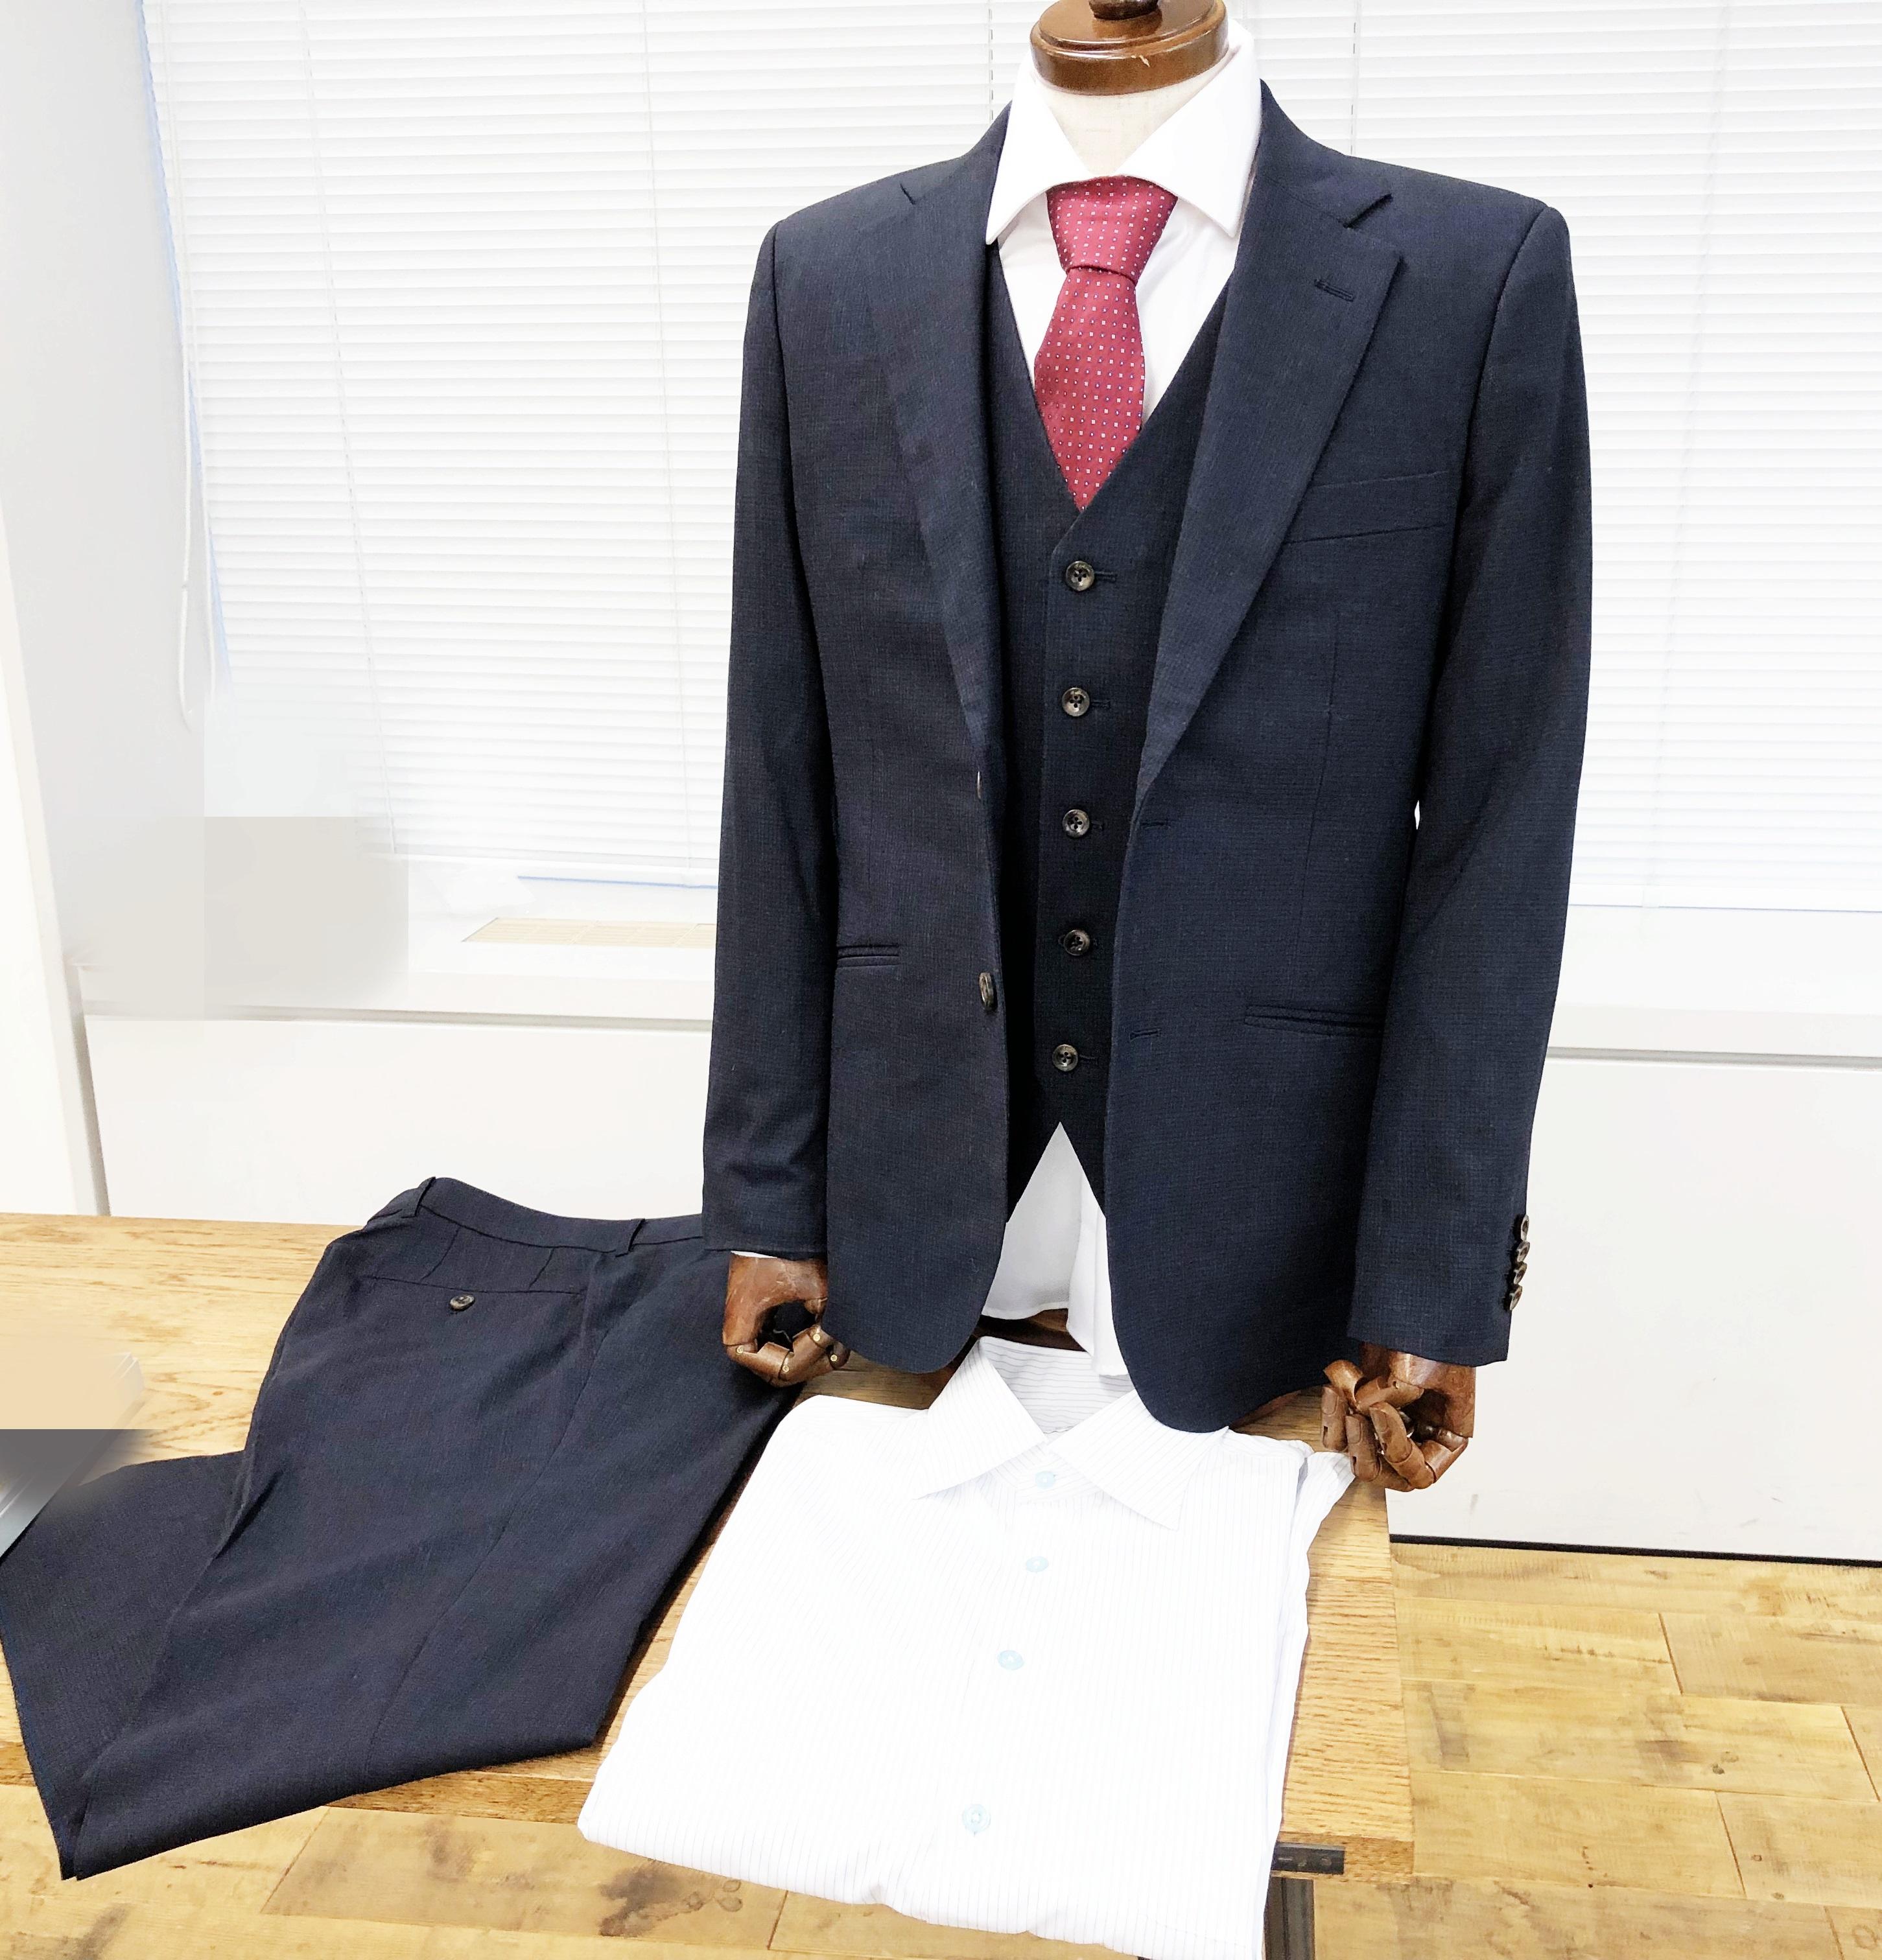 安くて高品質なオーダースーツ【Suit ya】ネットで買えるオーダースーツのおすすめはこれ!